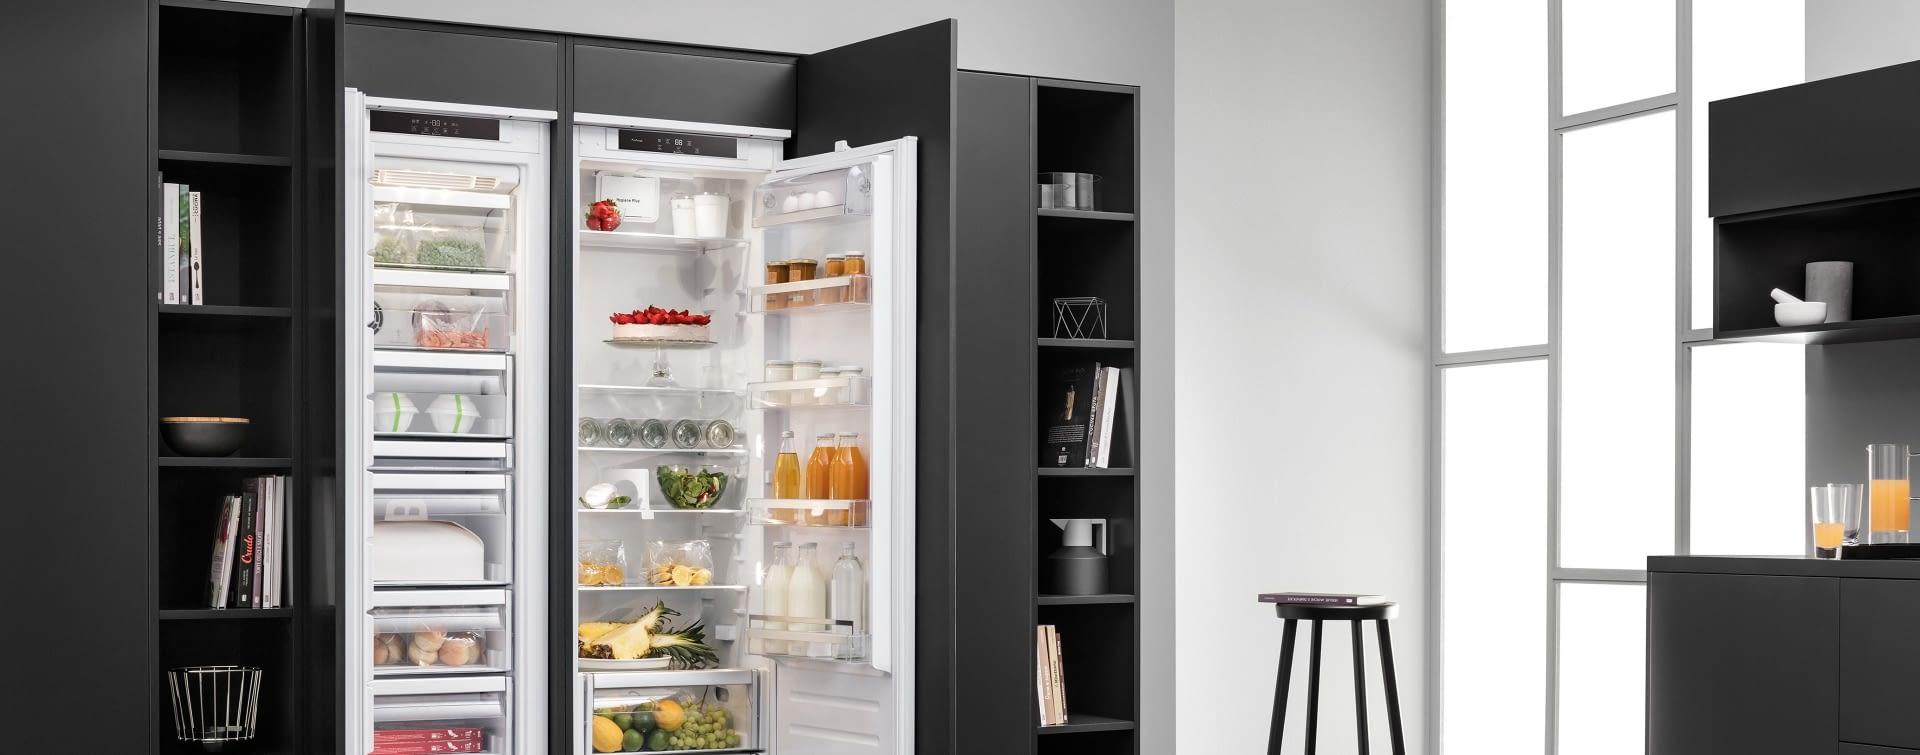 side by side k hlschrank marquardt k chen. Black Bedroom Furniture Sets. Home Design Ideas